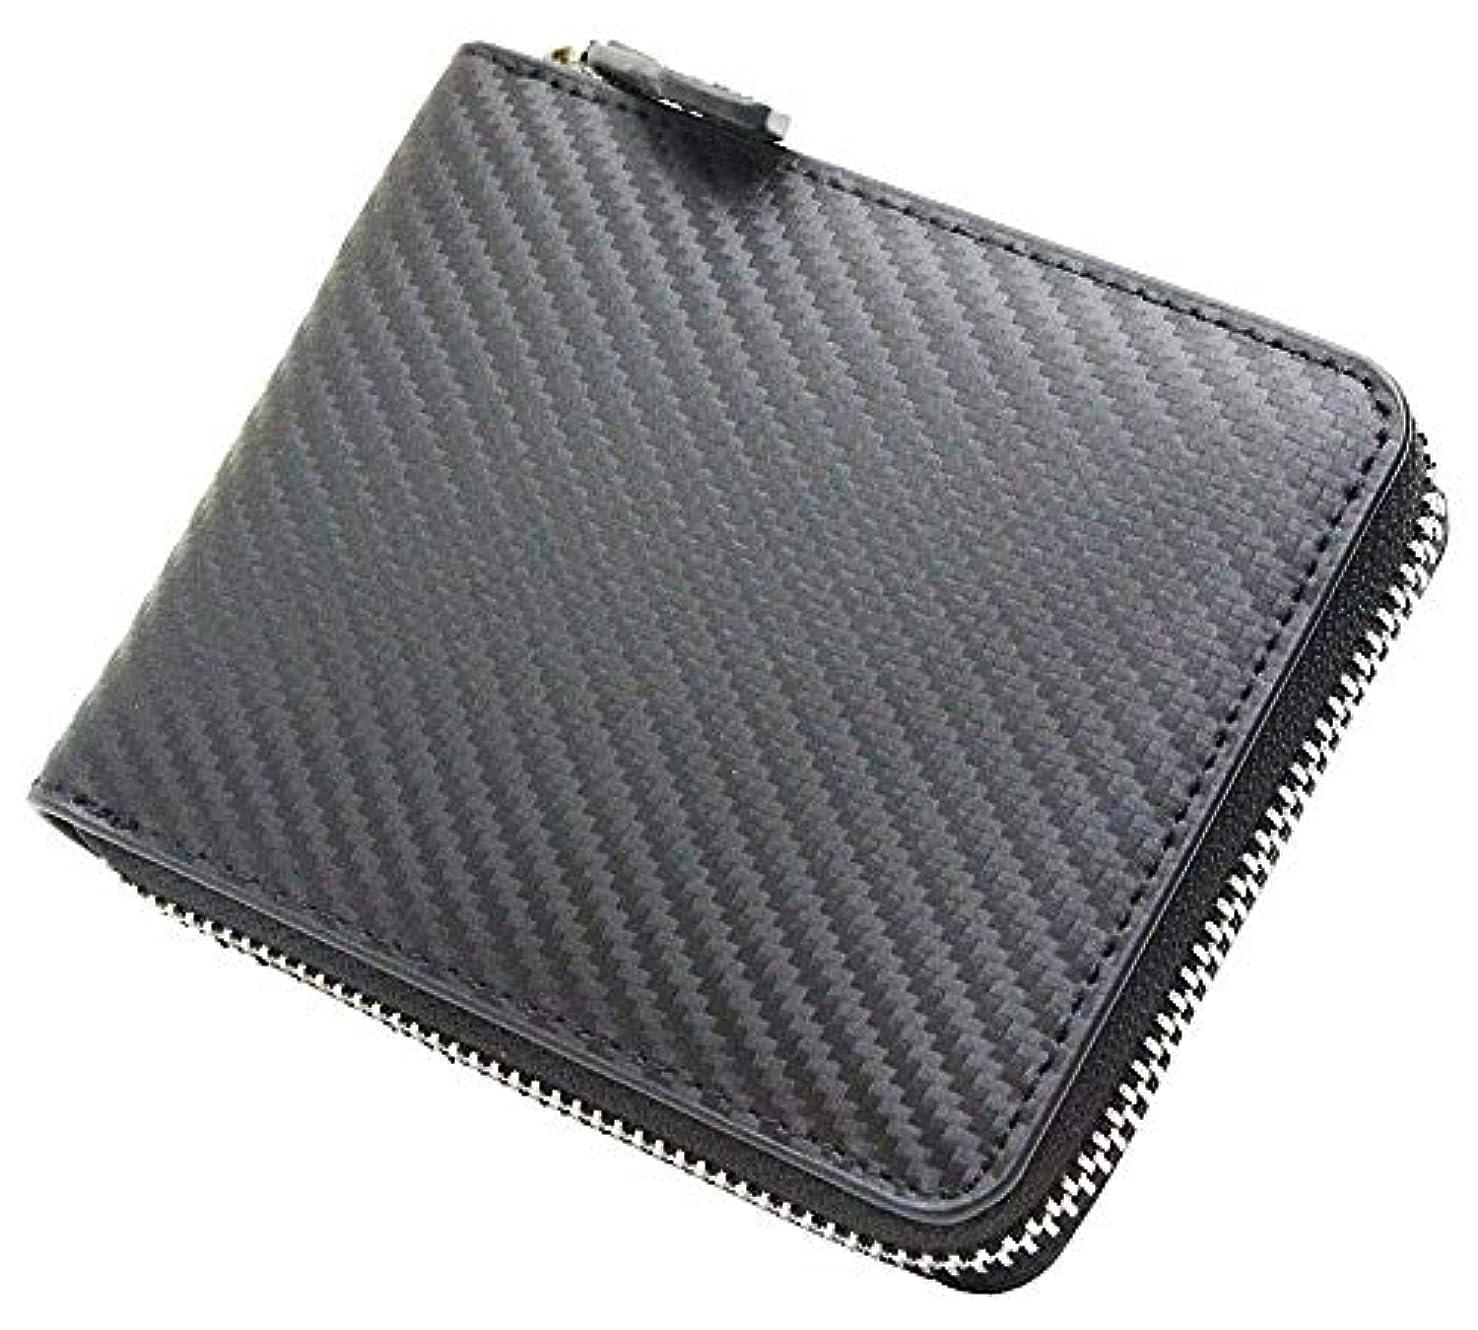 ラグタイピスト抗生物質(アンドリッチ)&RICH 高品質 カーボンレザー BOX付き 本革 ラウンド ファスナー 財布 大容量 メンズ カード 小銭入れ zyo-0011